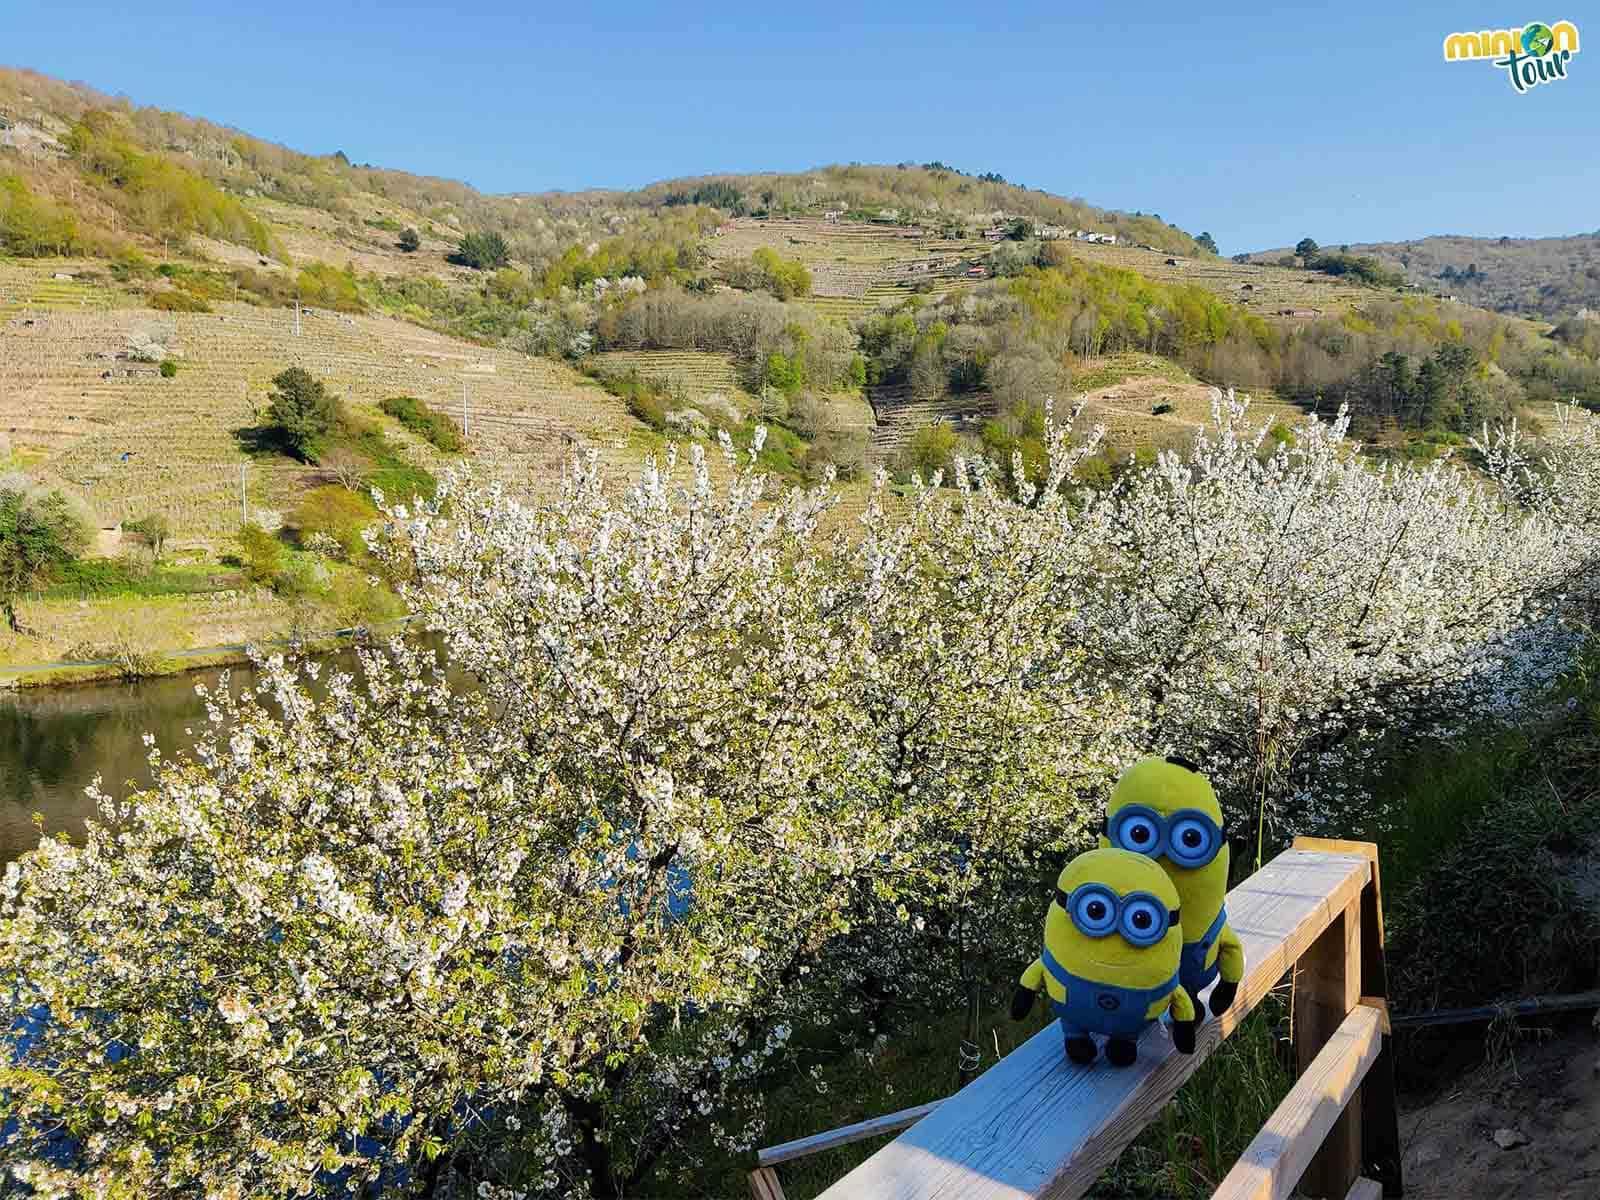 Cruzamos el río y llegamos a los cerezos en flor de Chantada